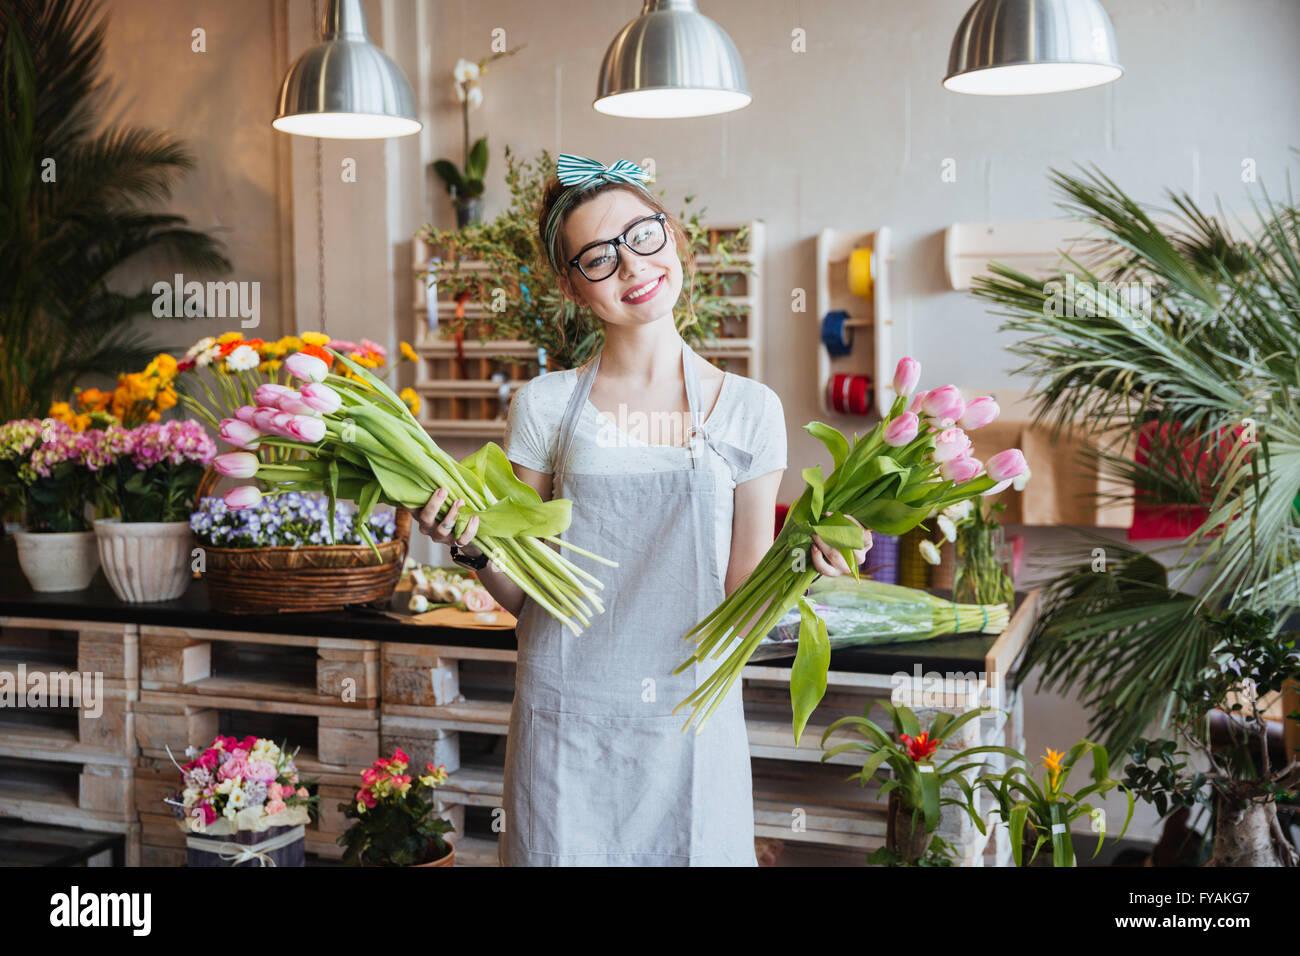 Fröhliche charmante junge Frau Floristen stehen und halten zwei Trauben von rosa Tulpen im Blumenladen Stockbild